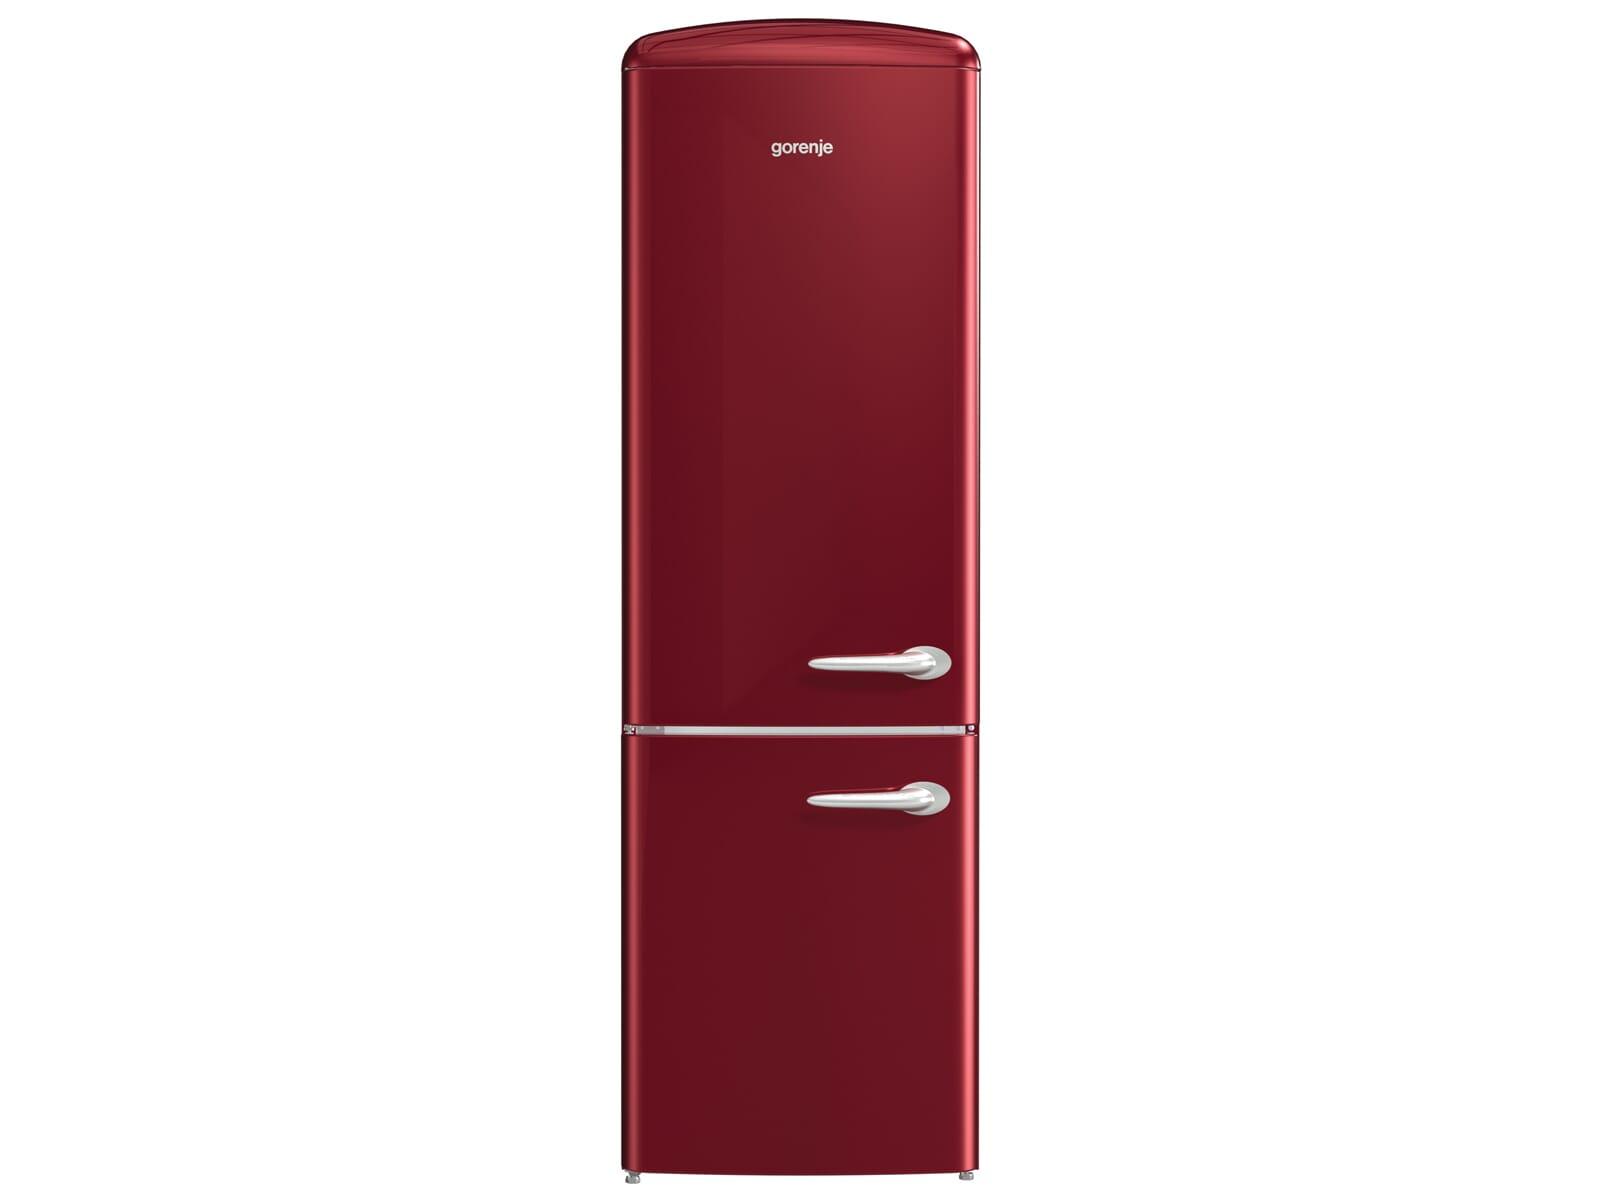 Gorenje Kühlschrank Seriennummer : Gorenje onrk r l kühl gefrierkombination burgundy